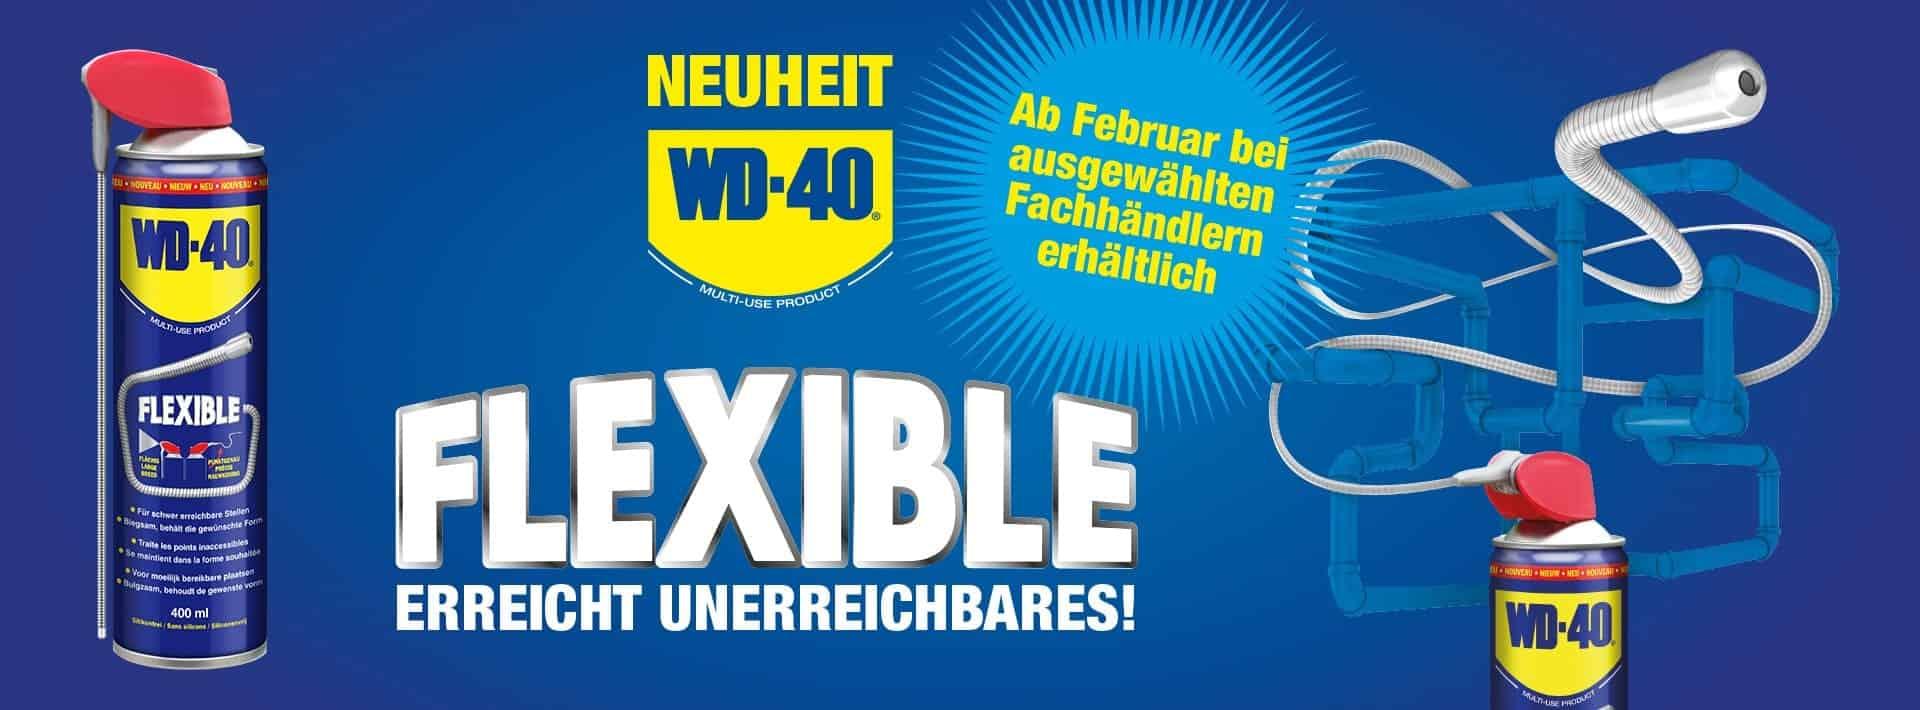 wd 40 flexible launch erreicht unerreichbares banner 1920x710